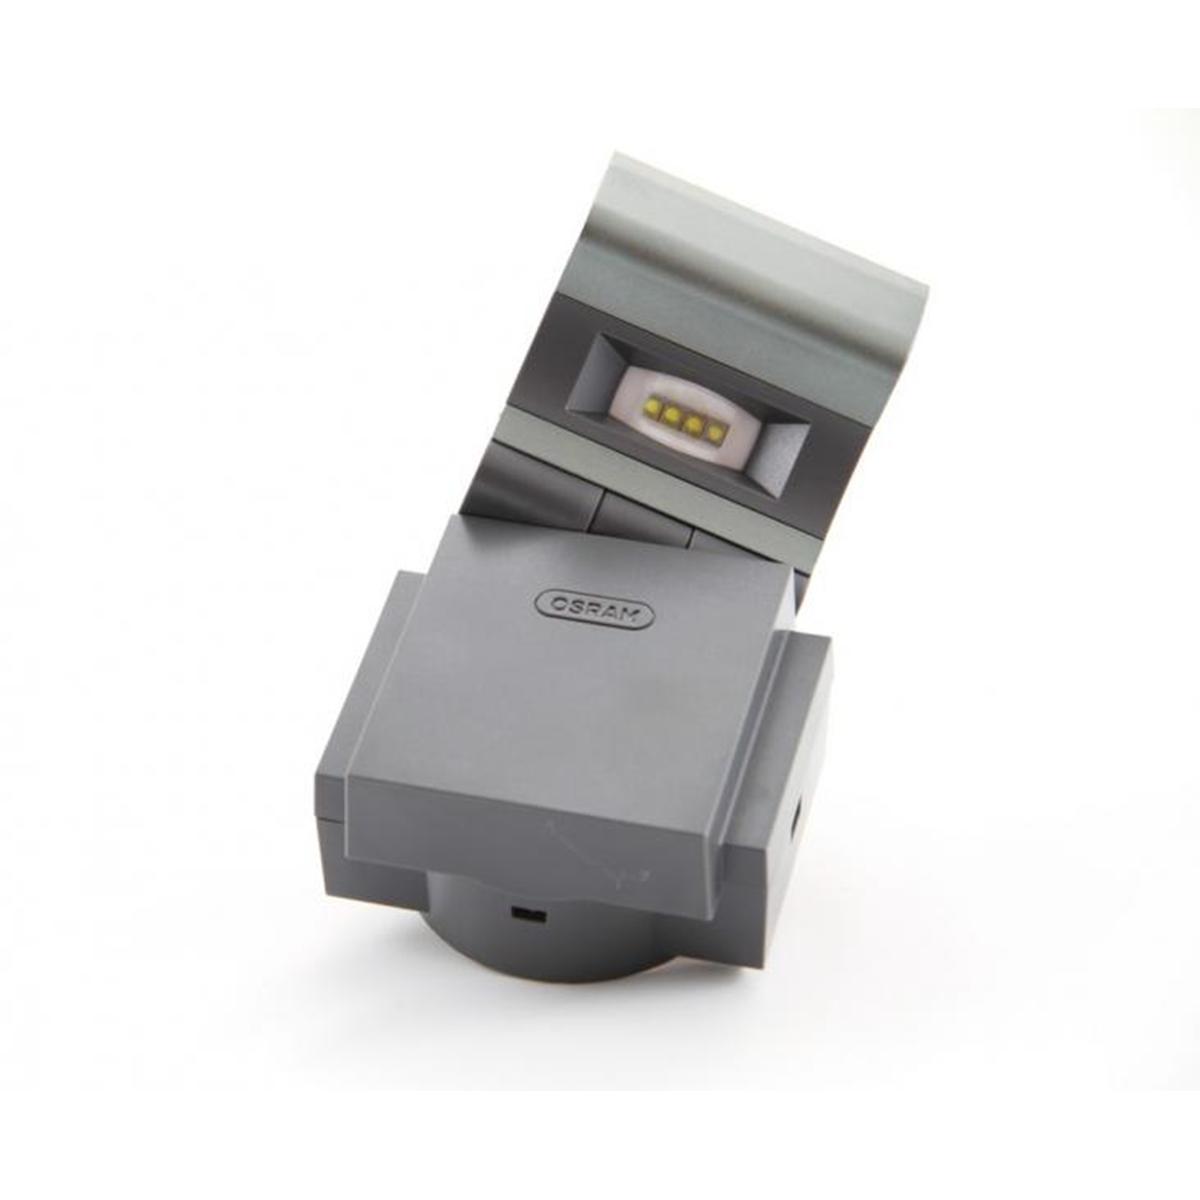 Specjalna oprawa oświetleniowa LED 41012 NOXLITE LEDSPOT GR 8W